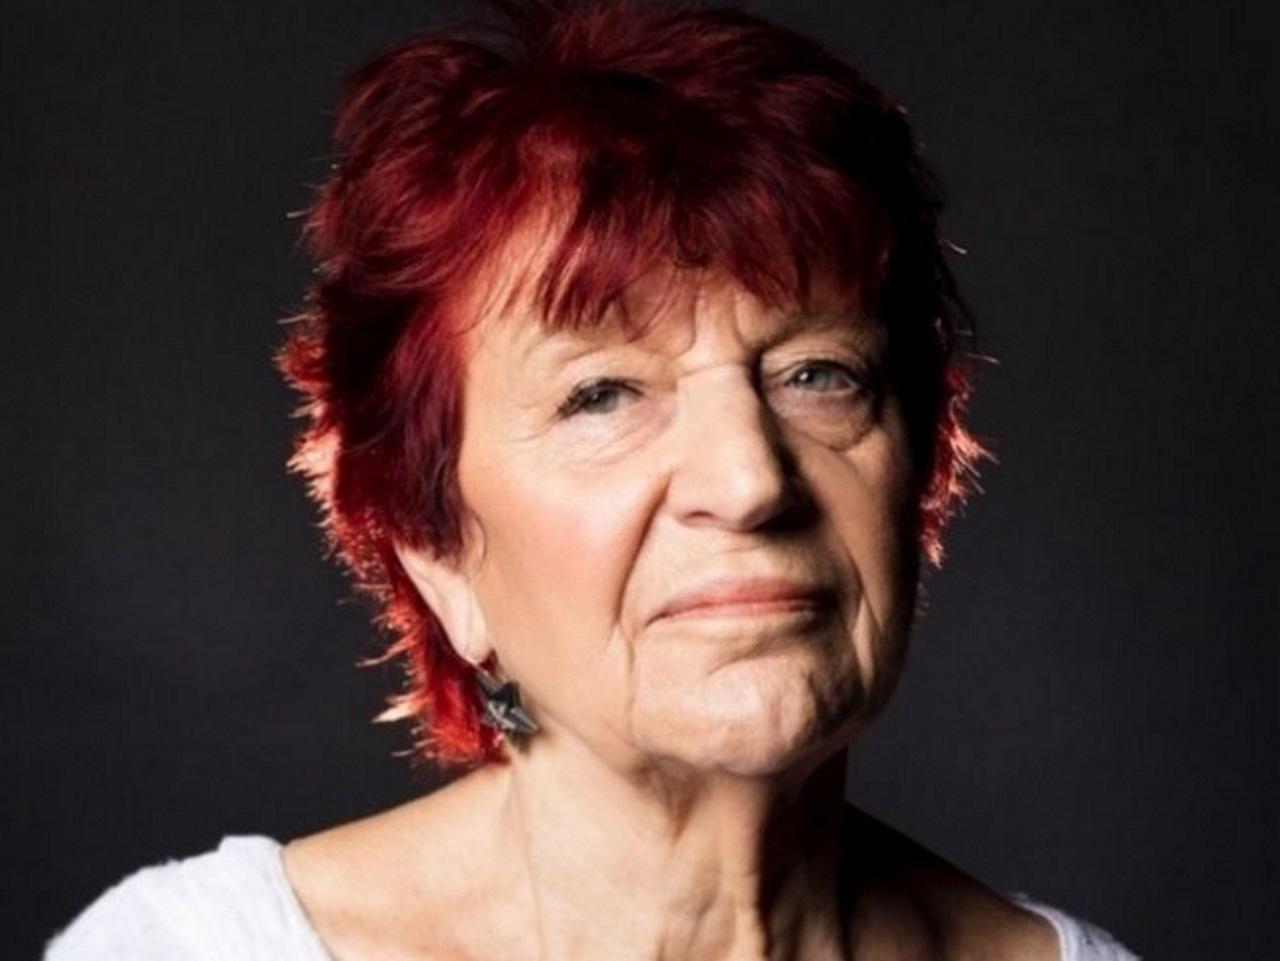 La chanteuse lyonnaise Anne Sylvestre décède à l'âge de 86 ans